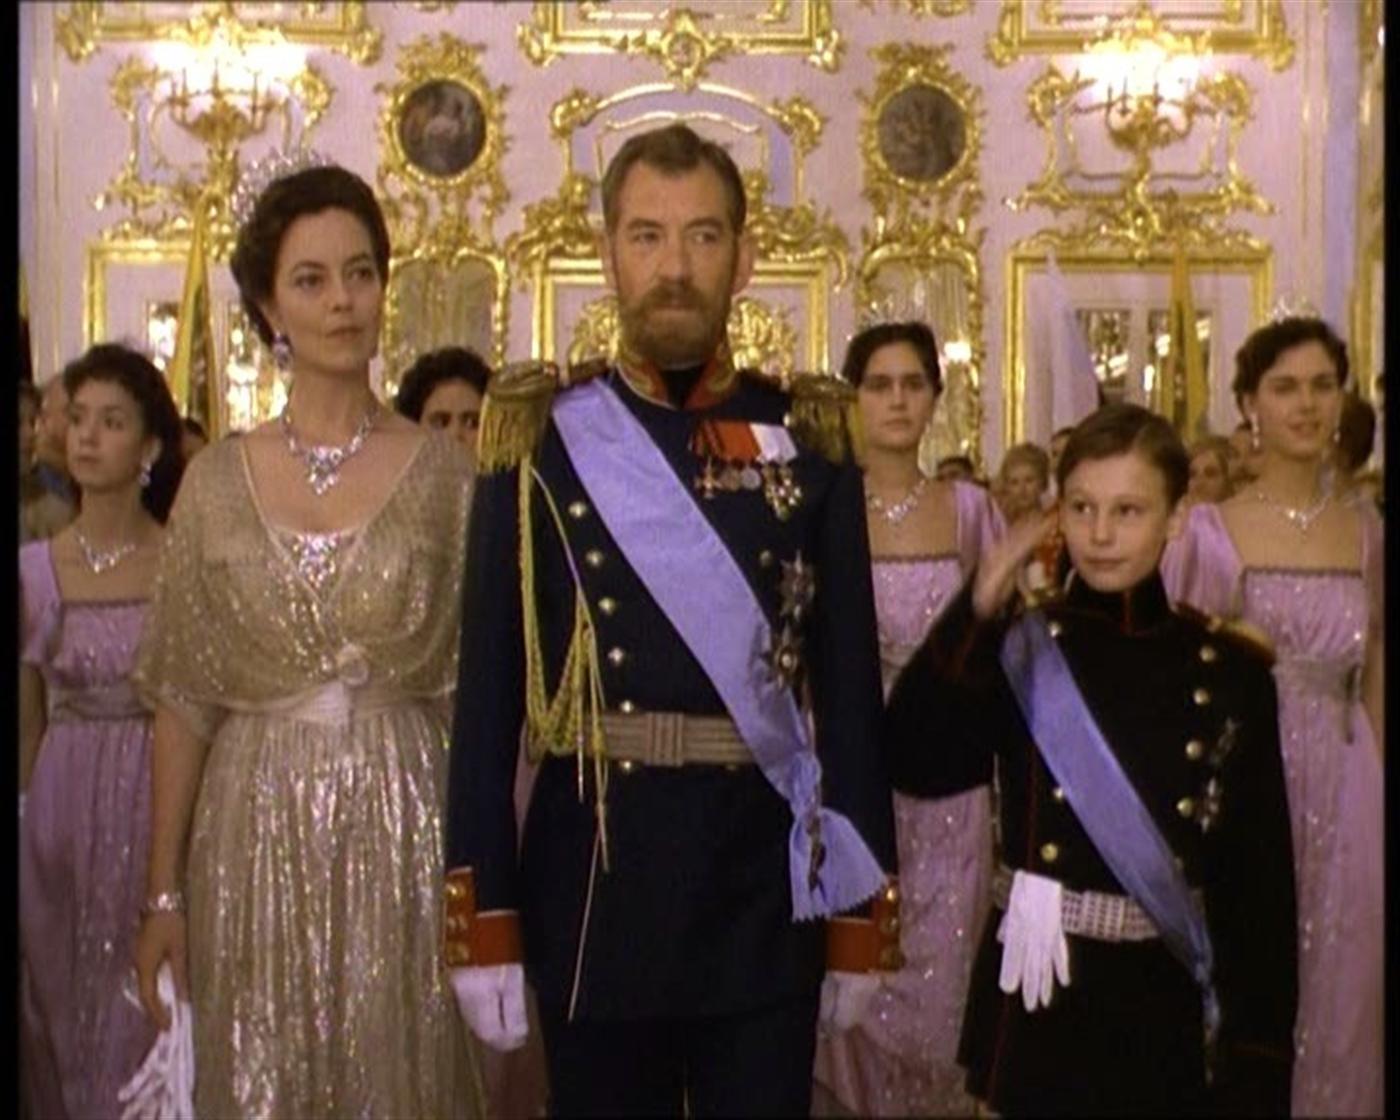 Распутин оргии при царском дворе смотреть онлайн на русском языке 7 фотография